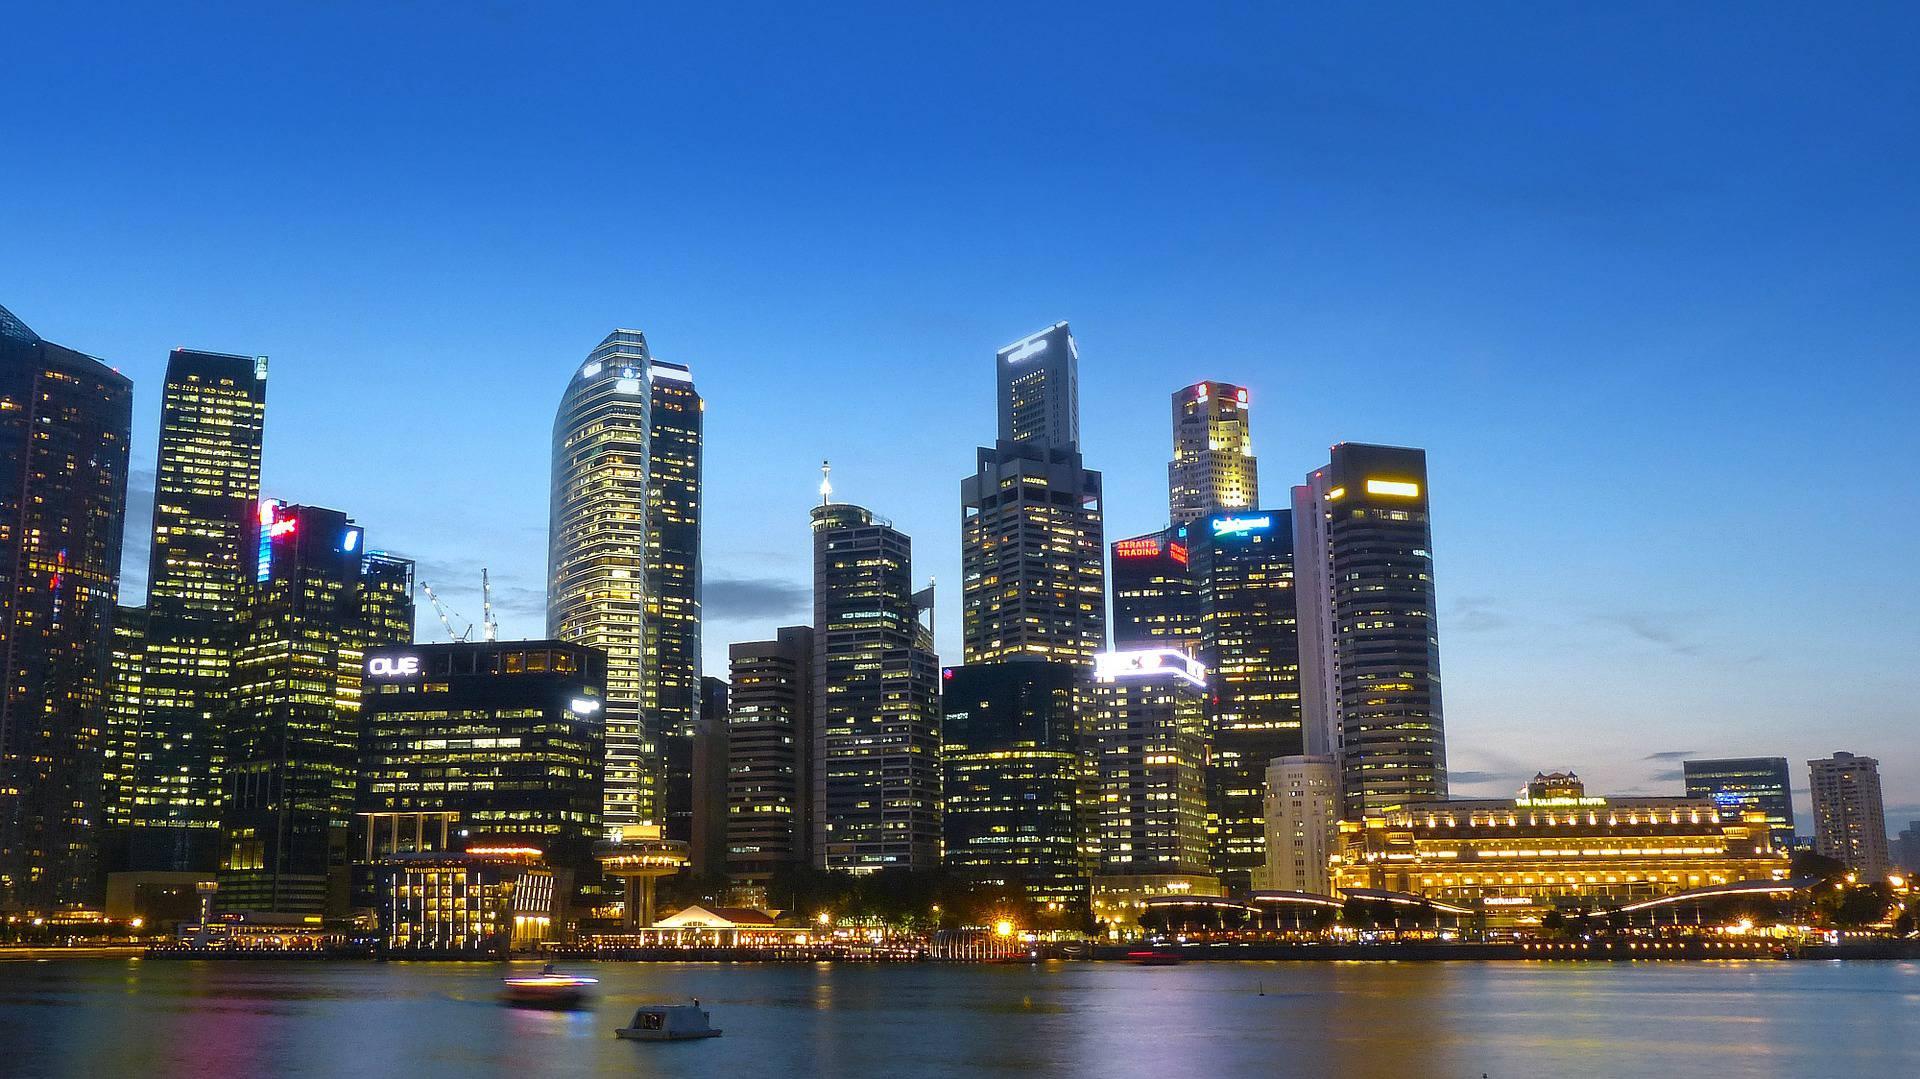 Singapore (Pixabay)